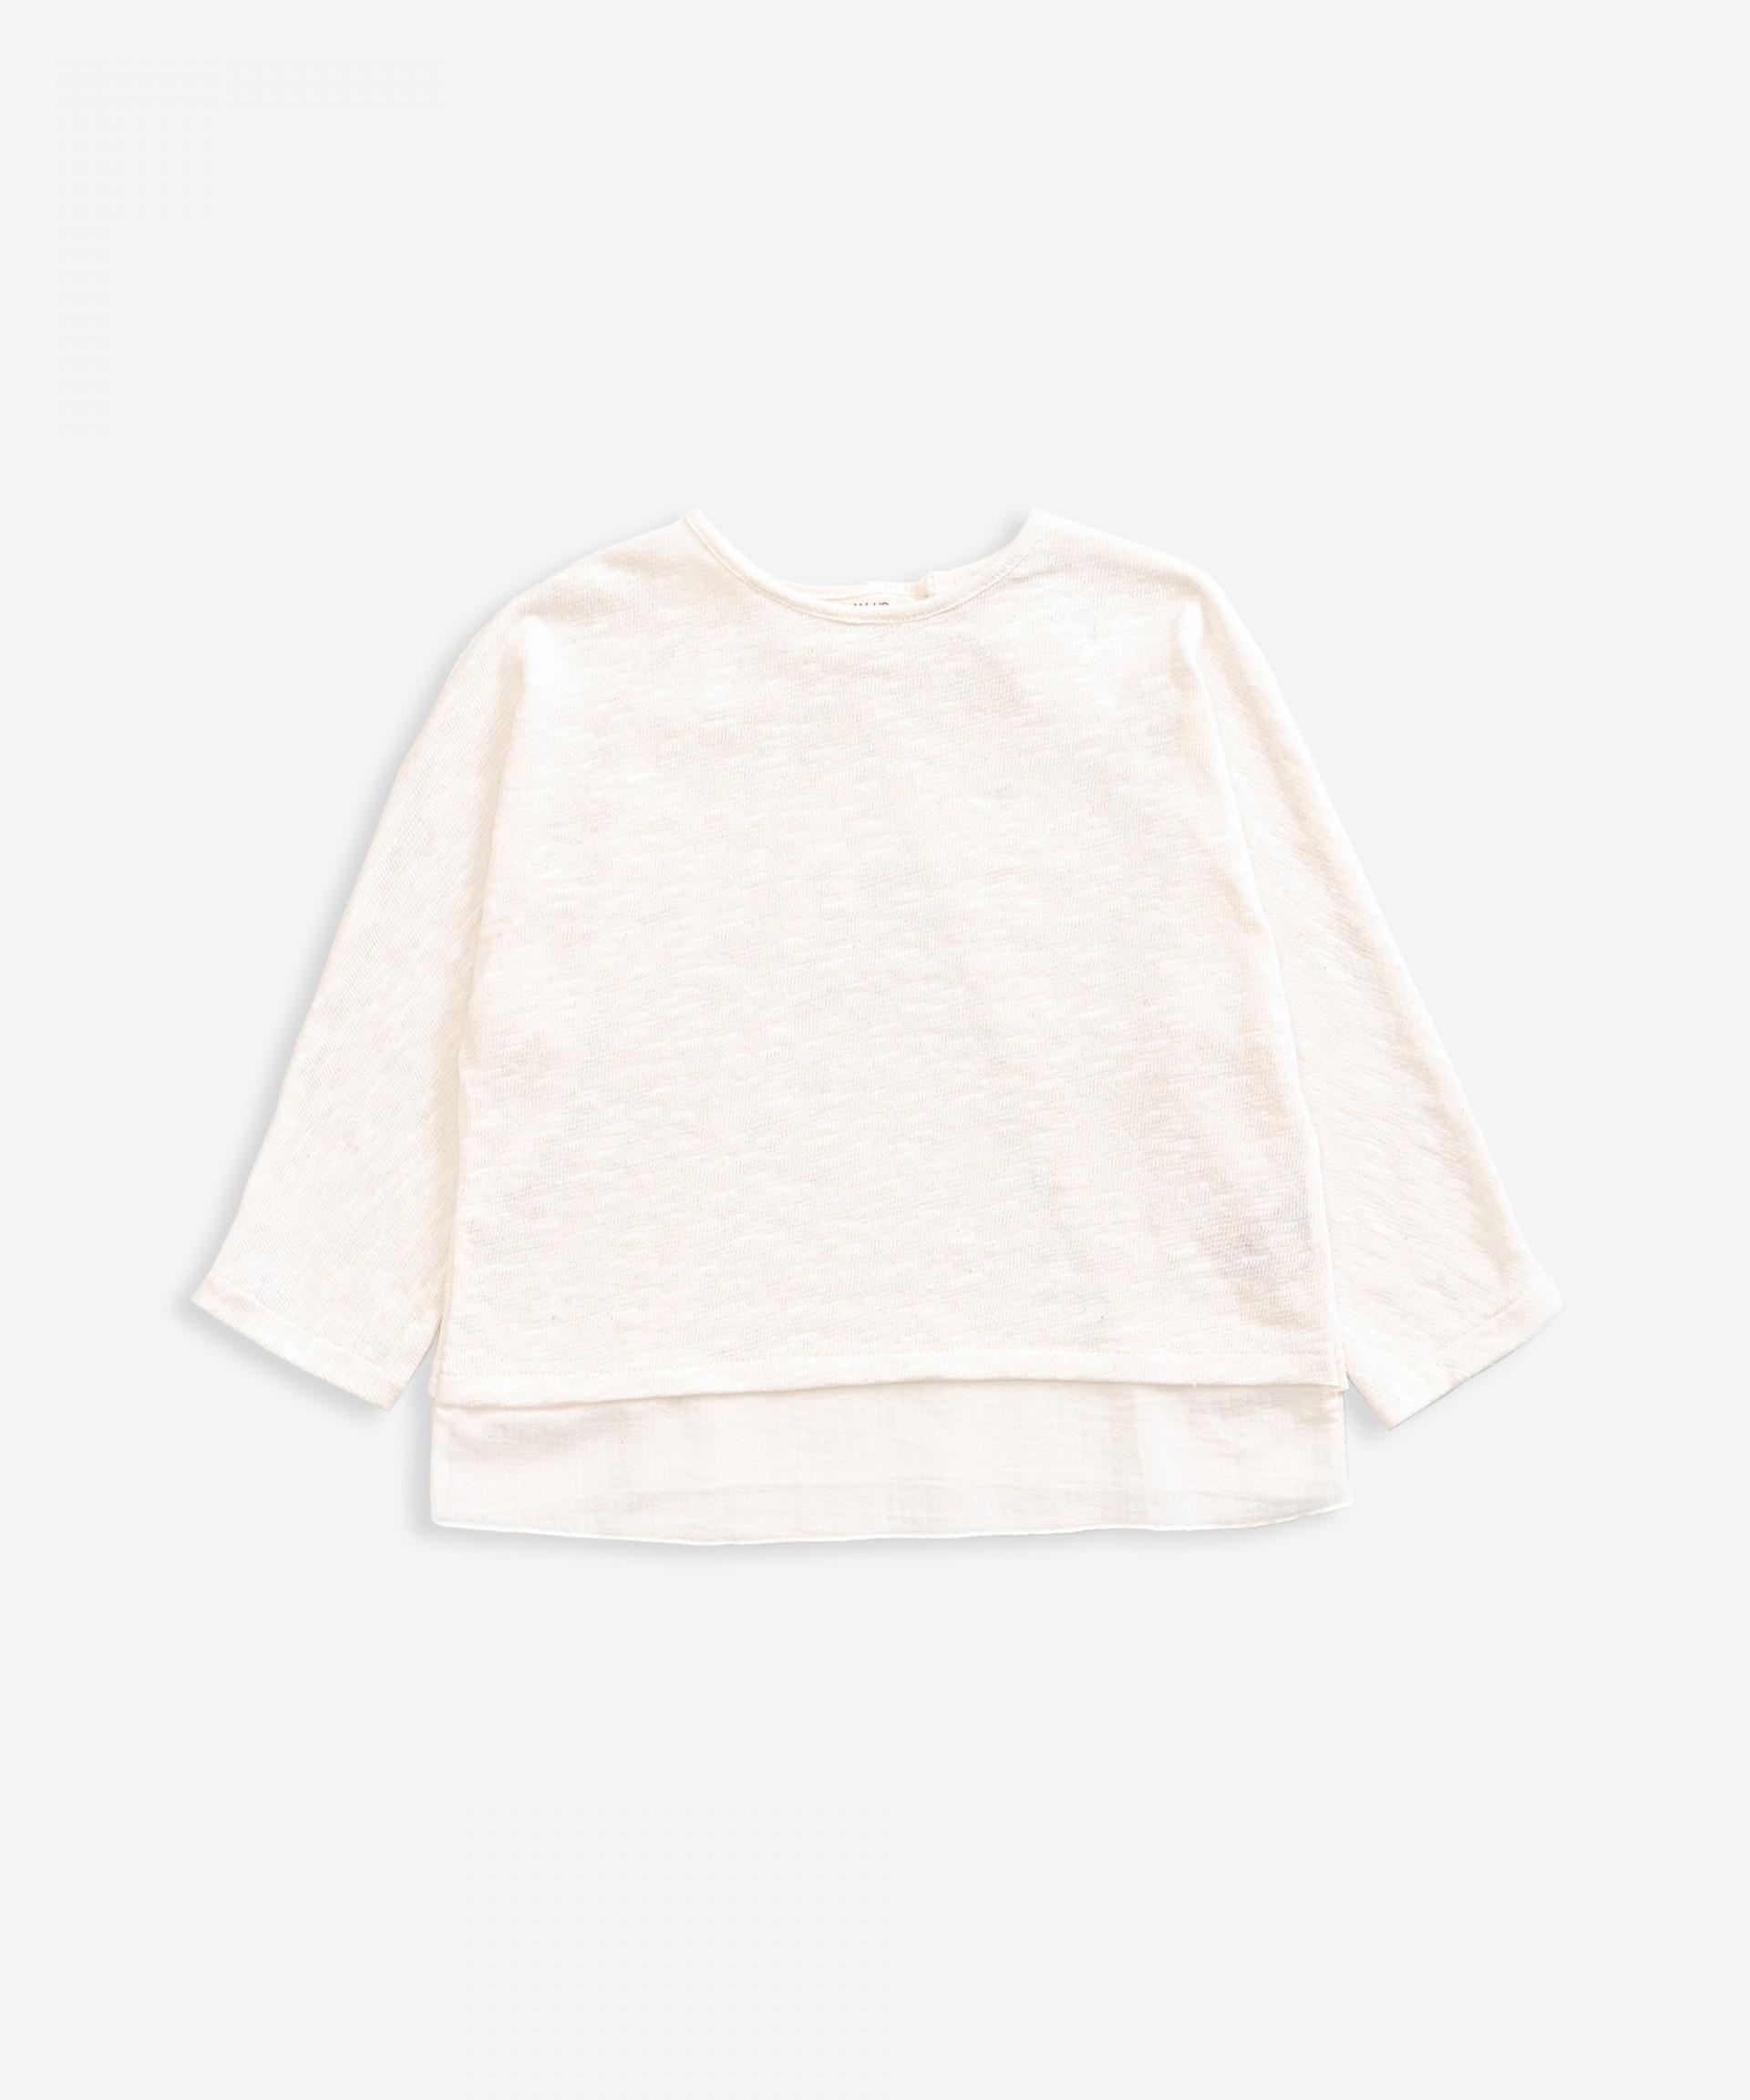 Camisola em malha e tecido | Weaving